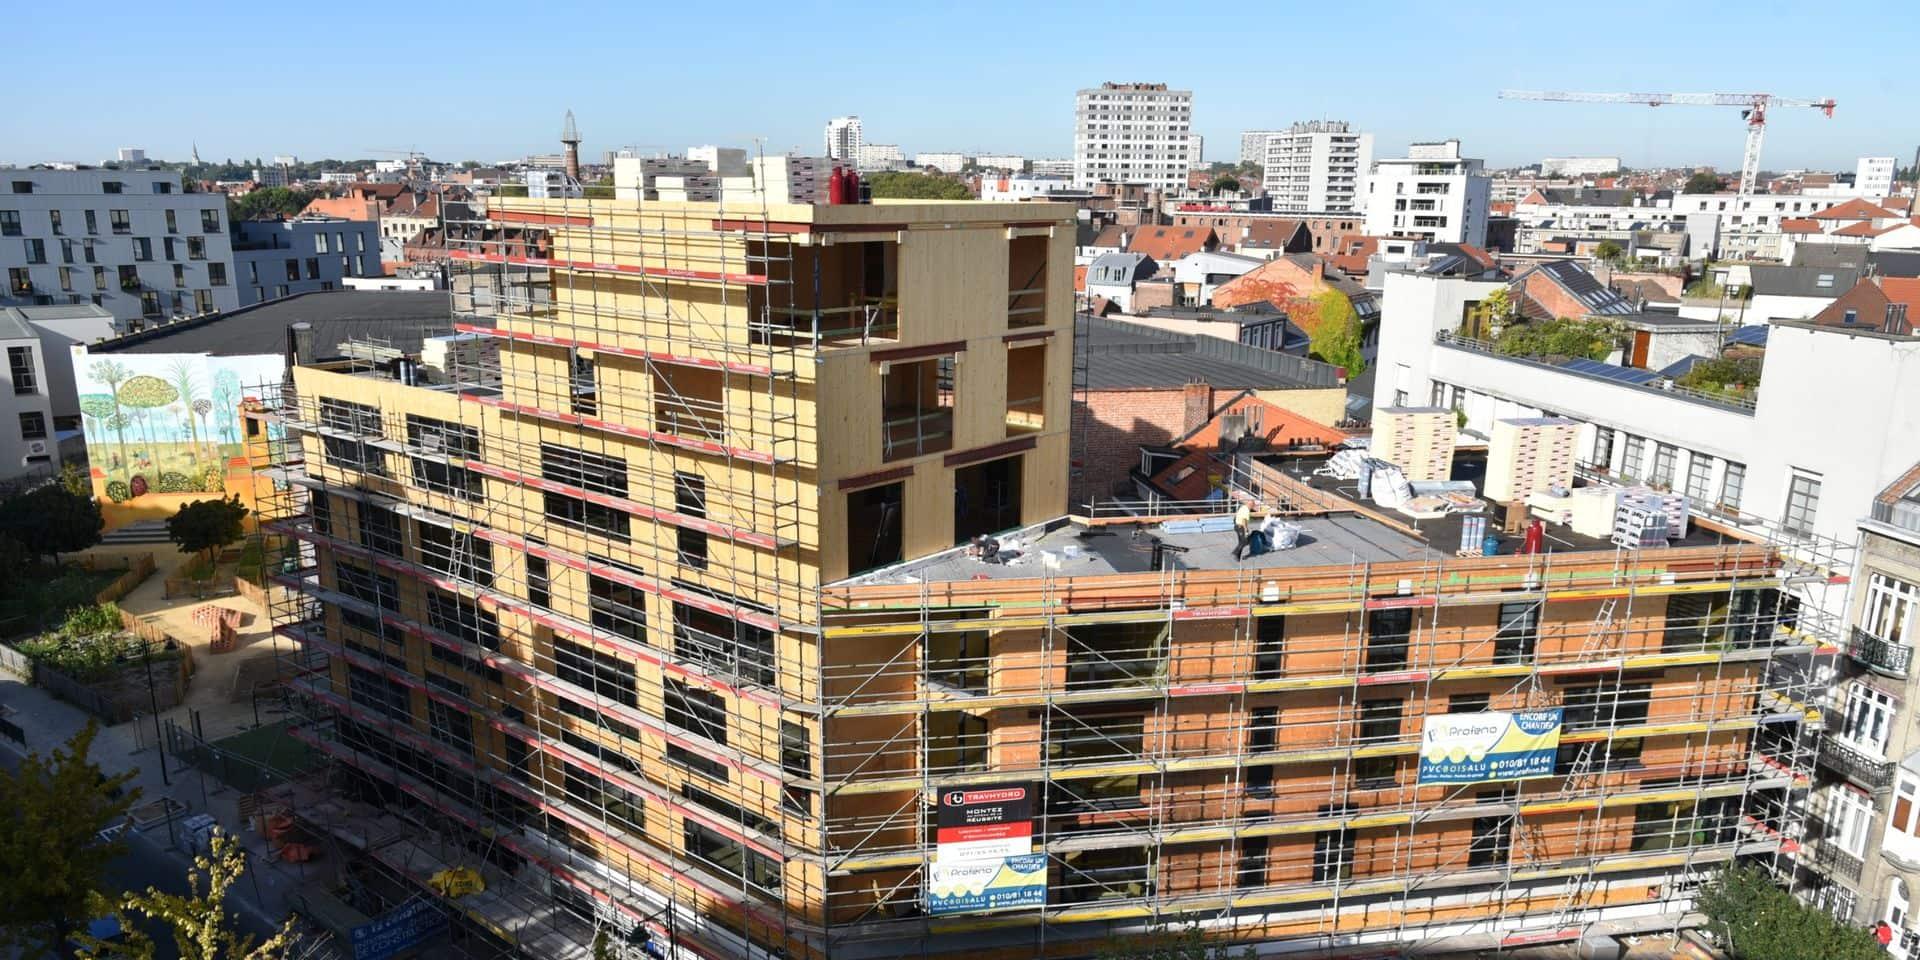 Bruxelles : Le plus haut immeuble construit en bois est en chantier